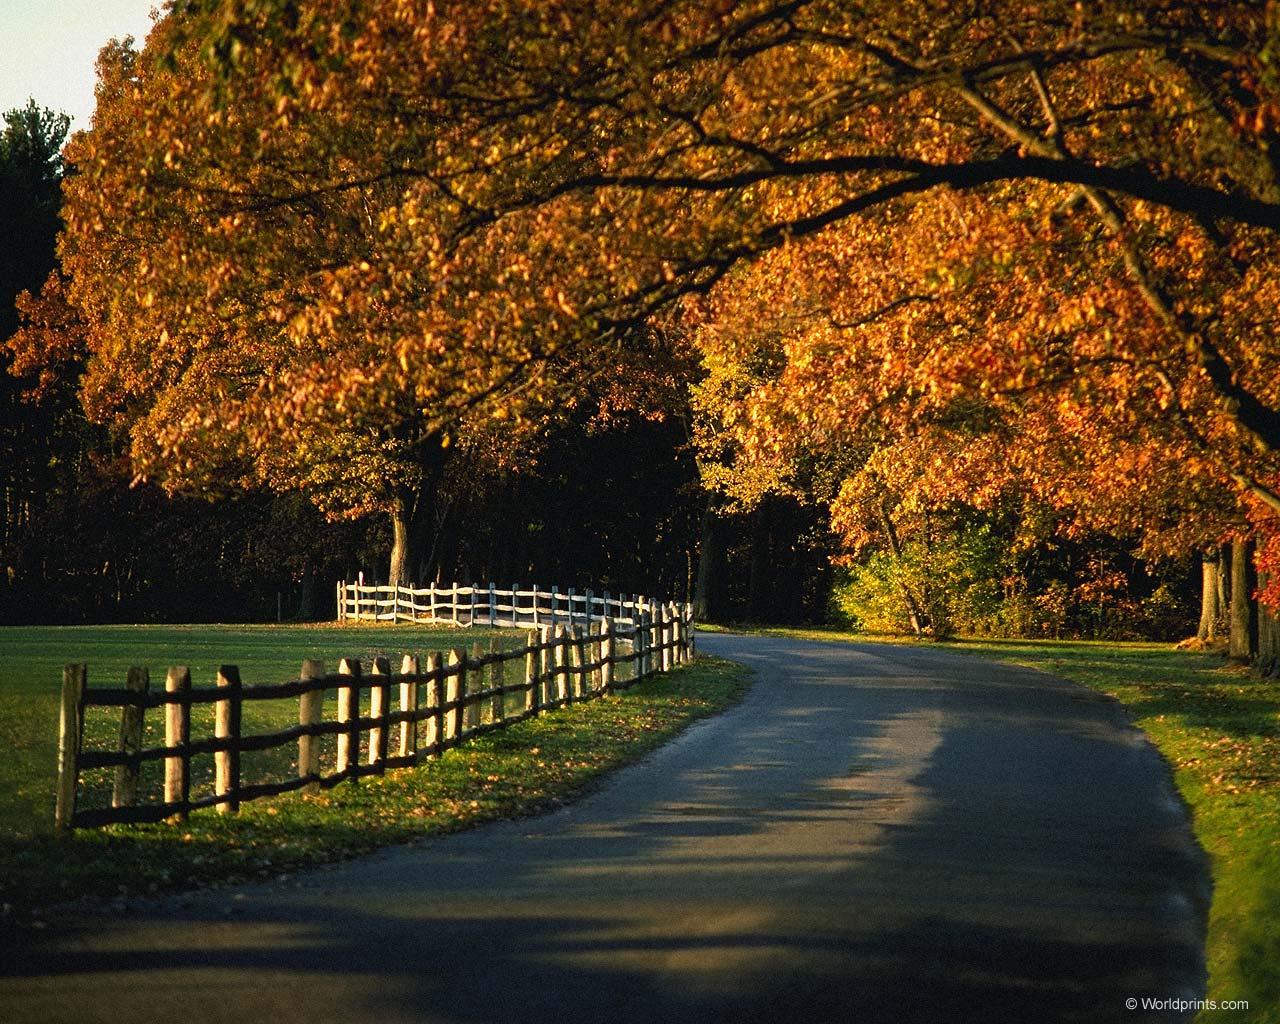 autumn wallpaper autumn wallpaper autumn wallpaper autumn wallpaper 1280x1024